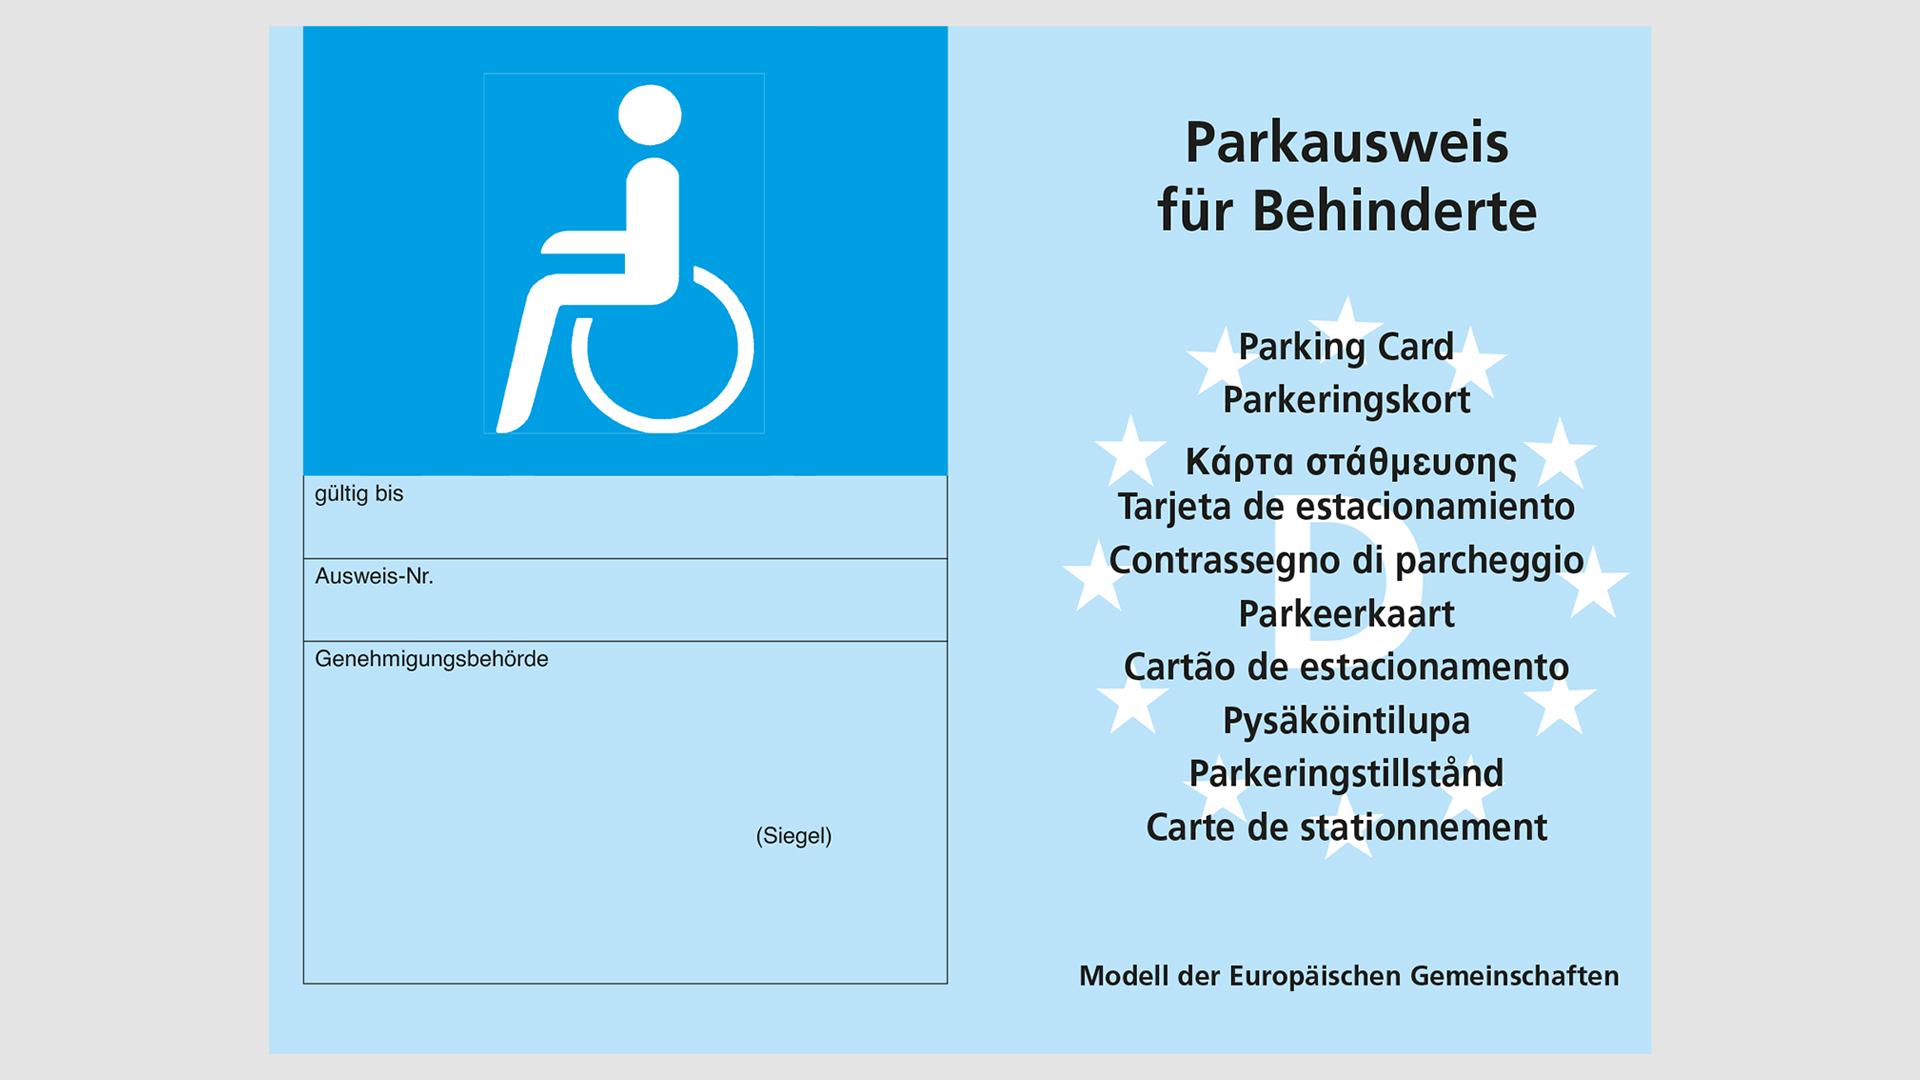 Parkausweis für Behinderte